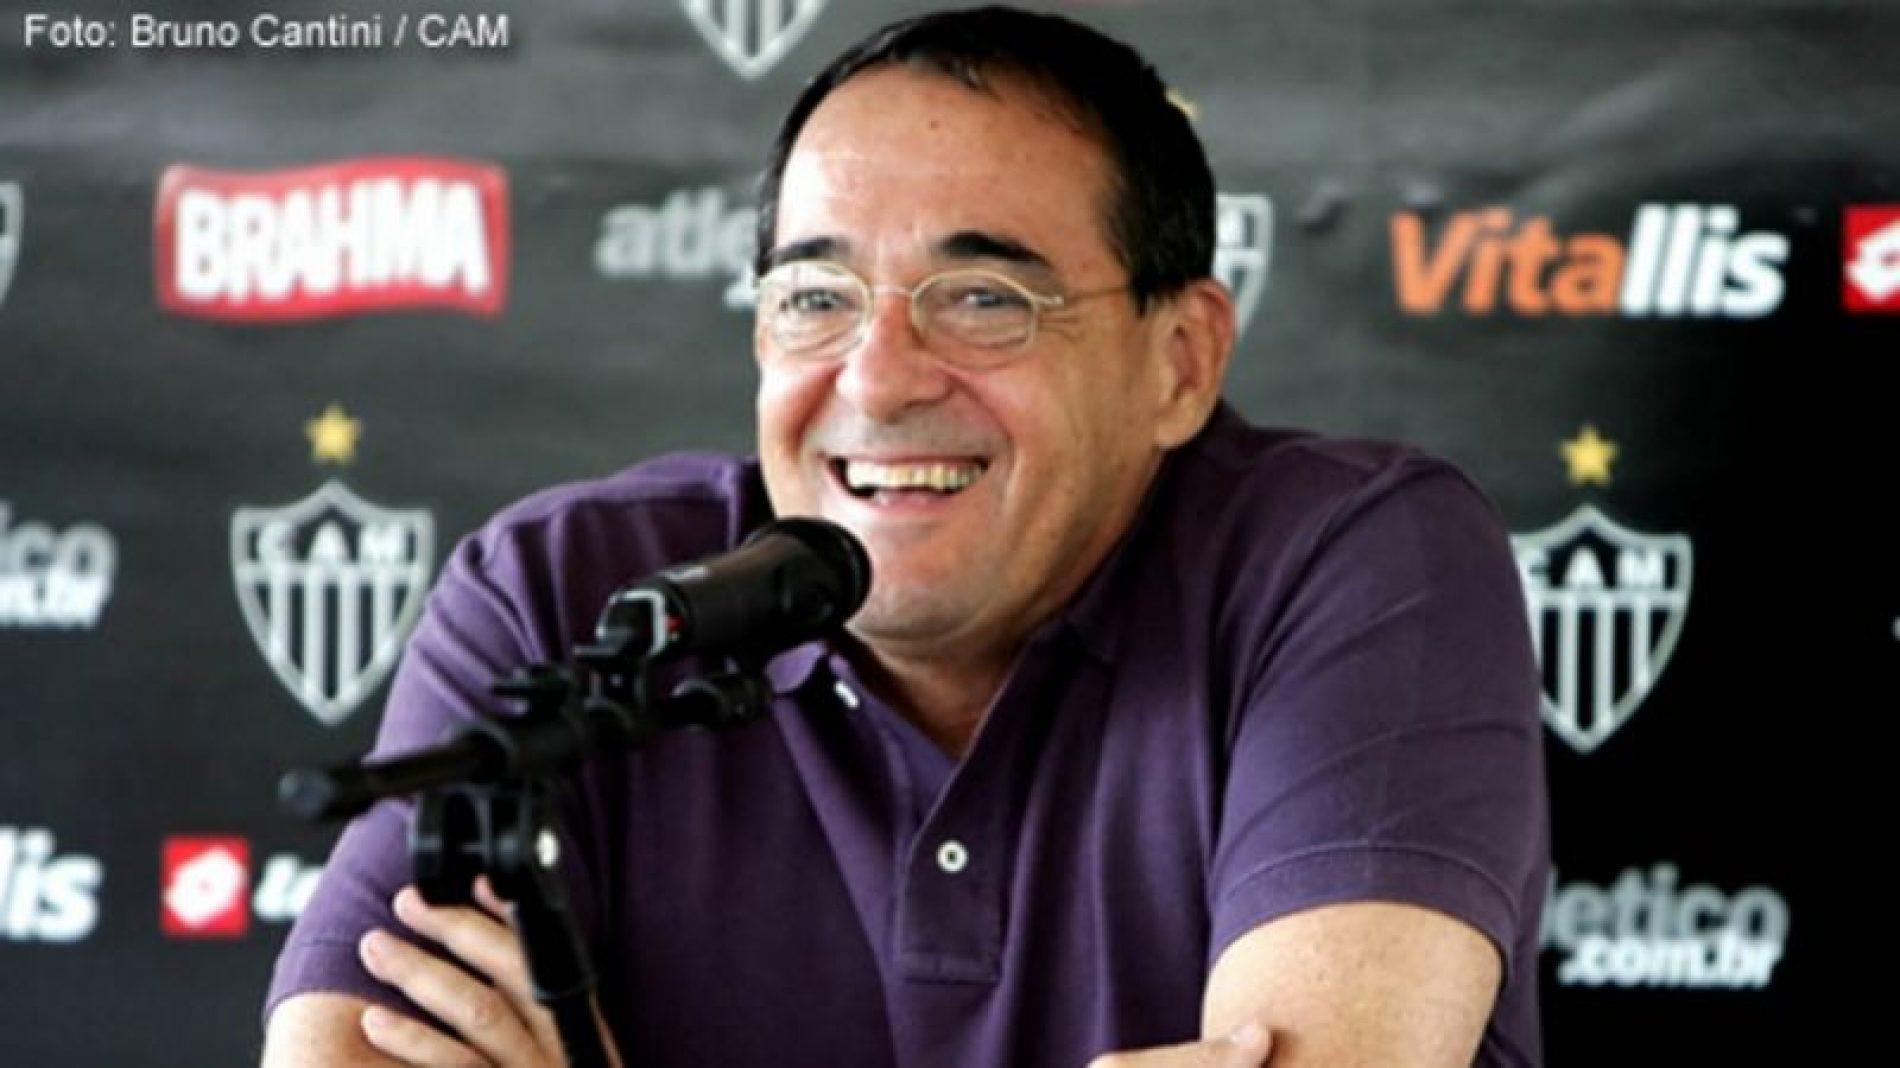 Bebeto de Freitas, ídolo do vôlei brasileiro, morre em Belo Horizonte